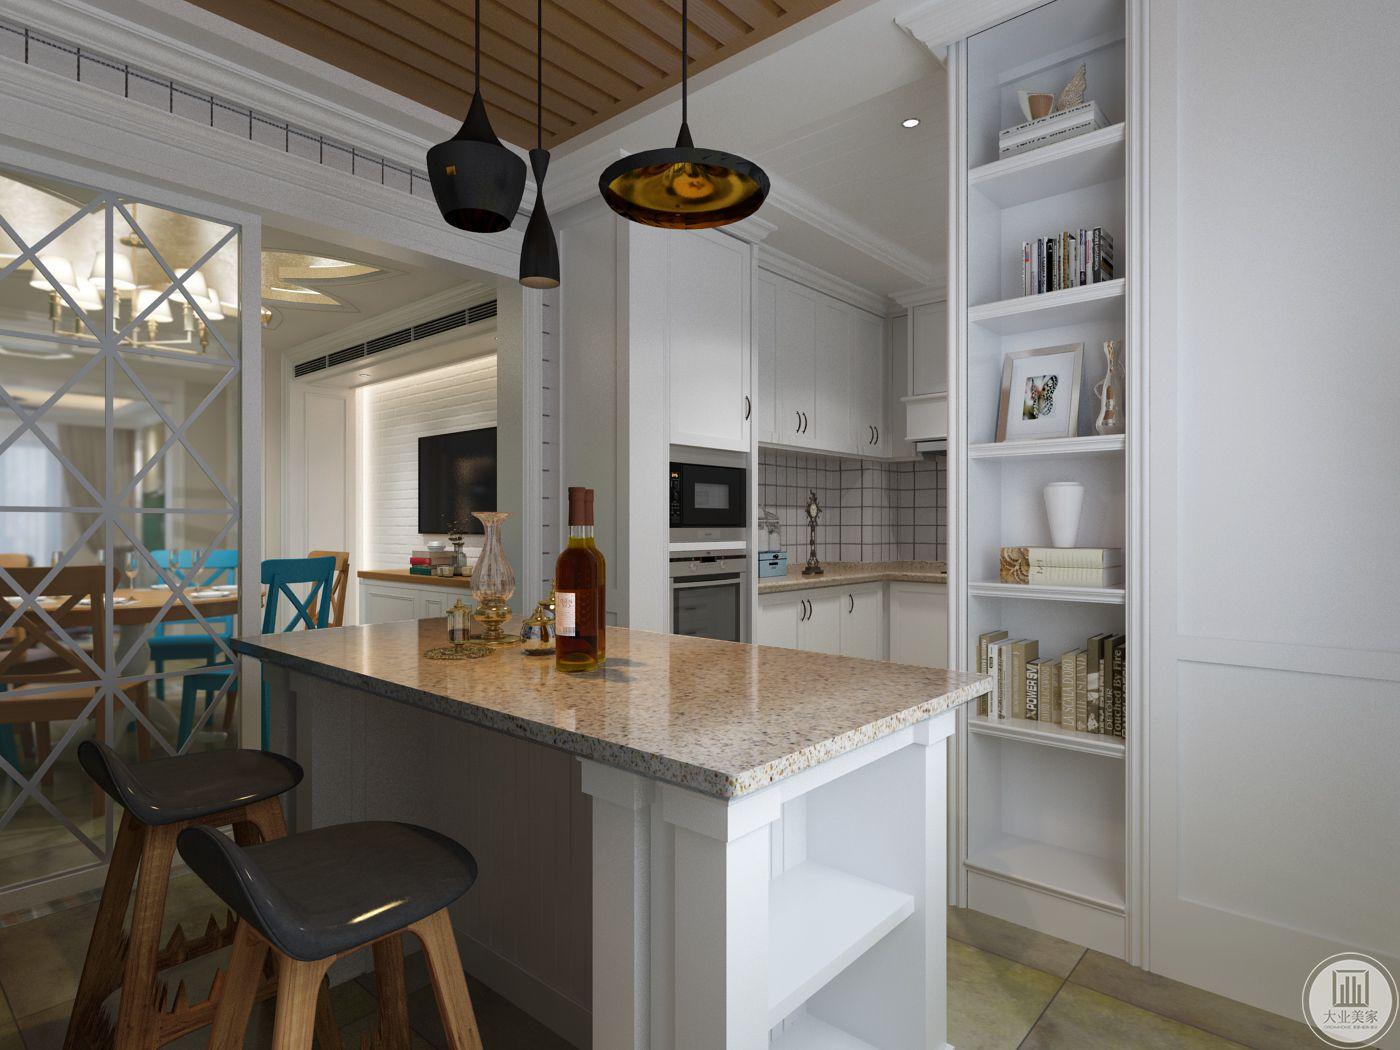 吧台是大理石台面,与厨房相邻,厨房做成开放式的。